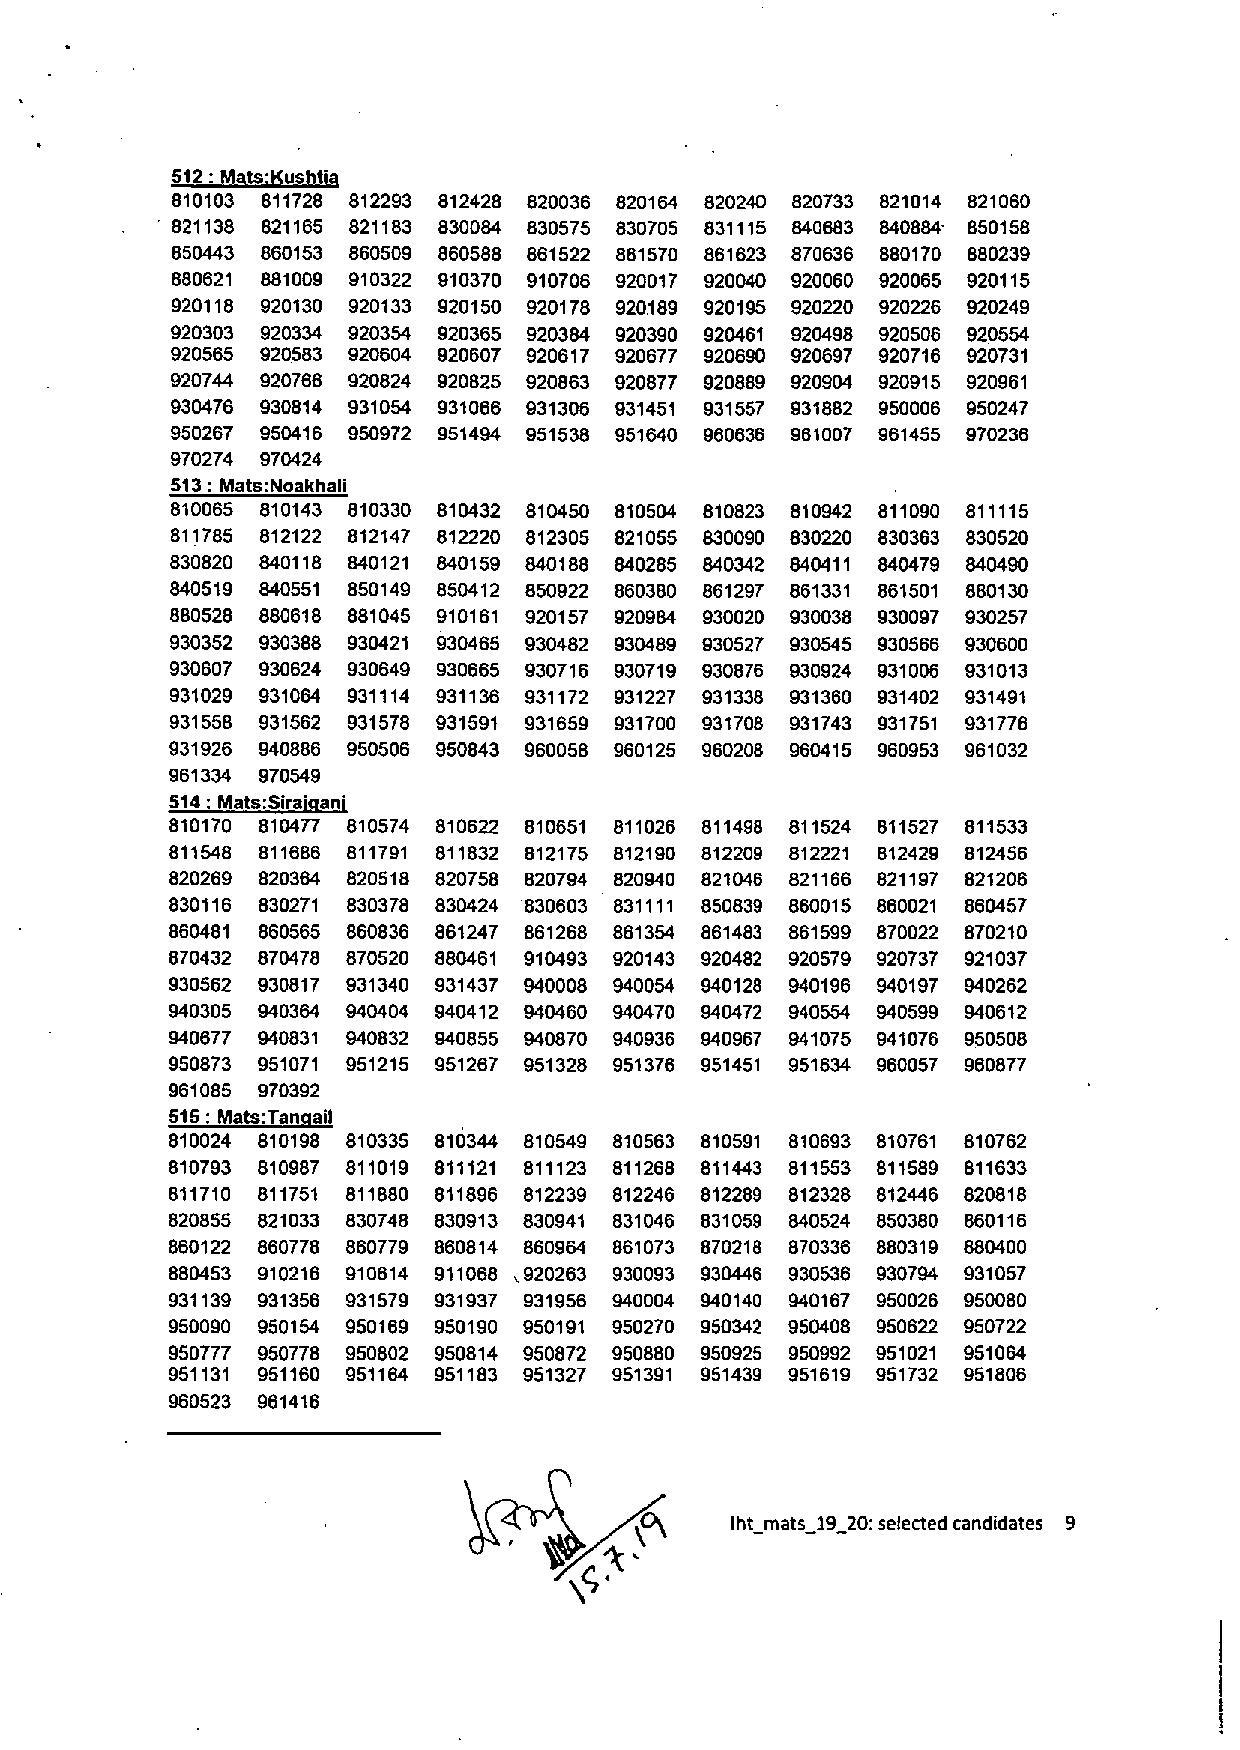 15-07-19-iht-mats-r-page-011